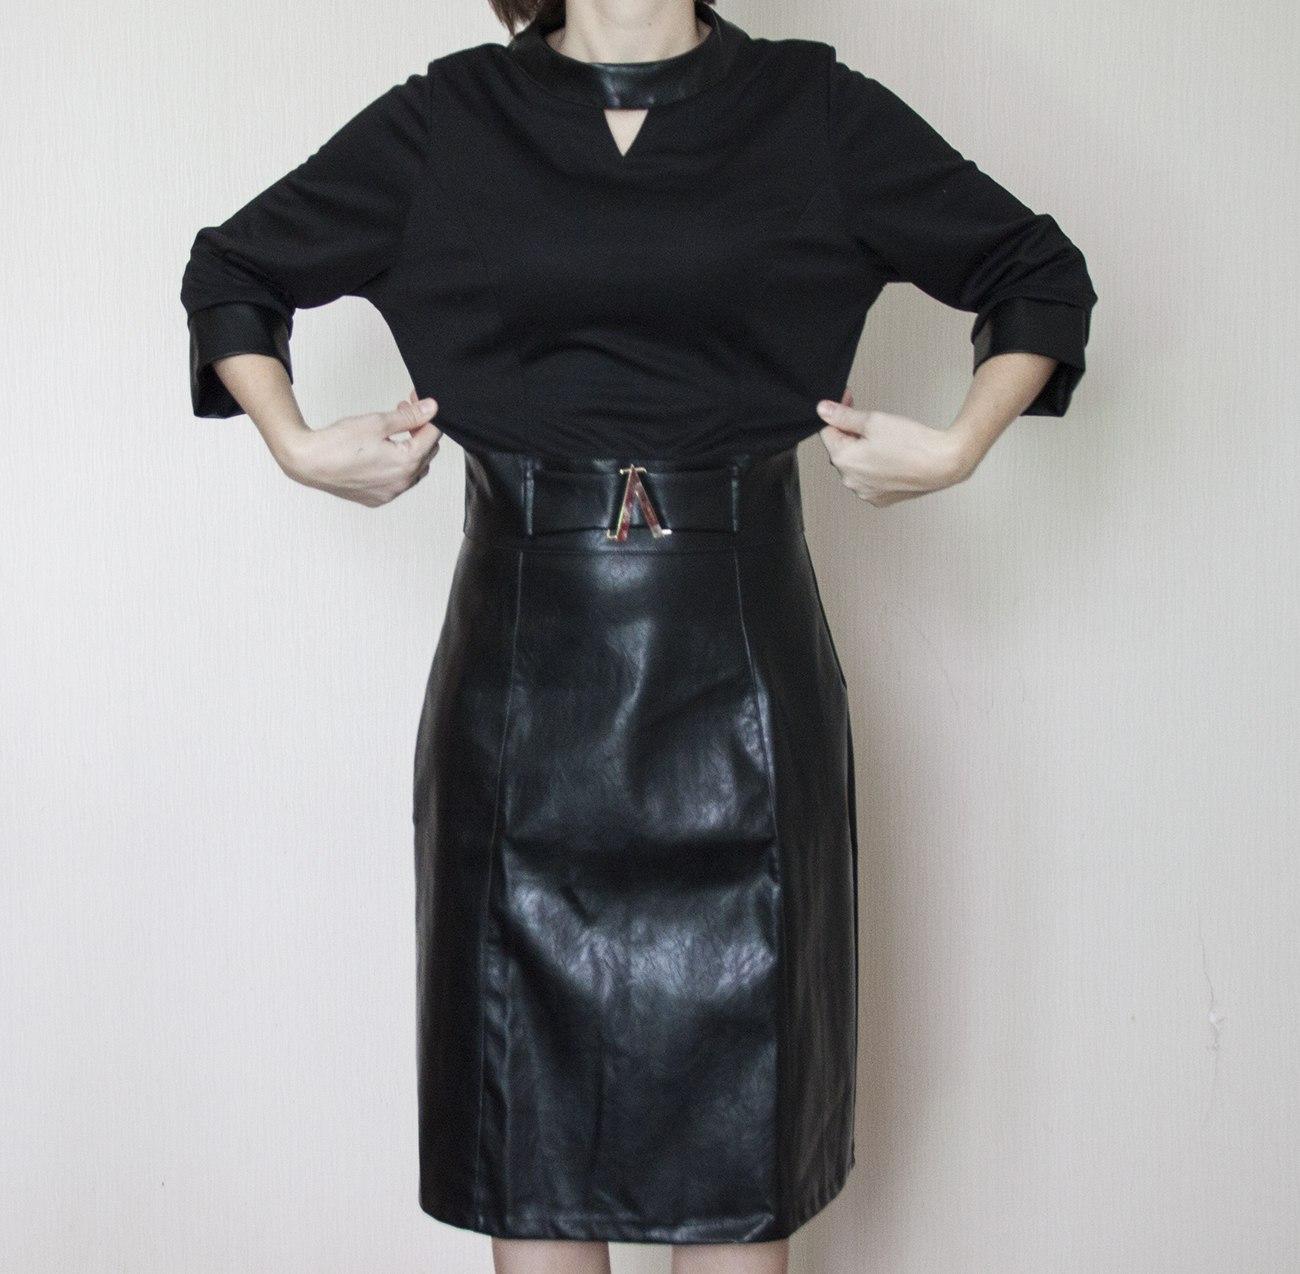 Маленькое черное платье от Natasha moda+пристрой